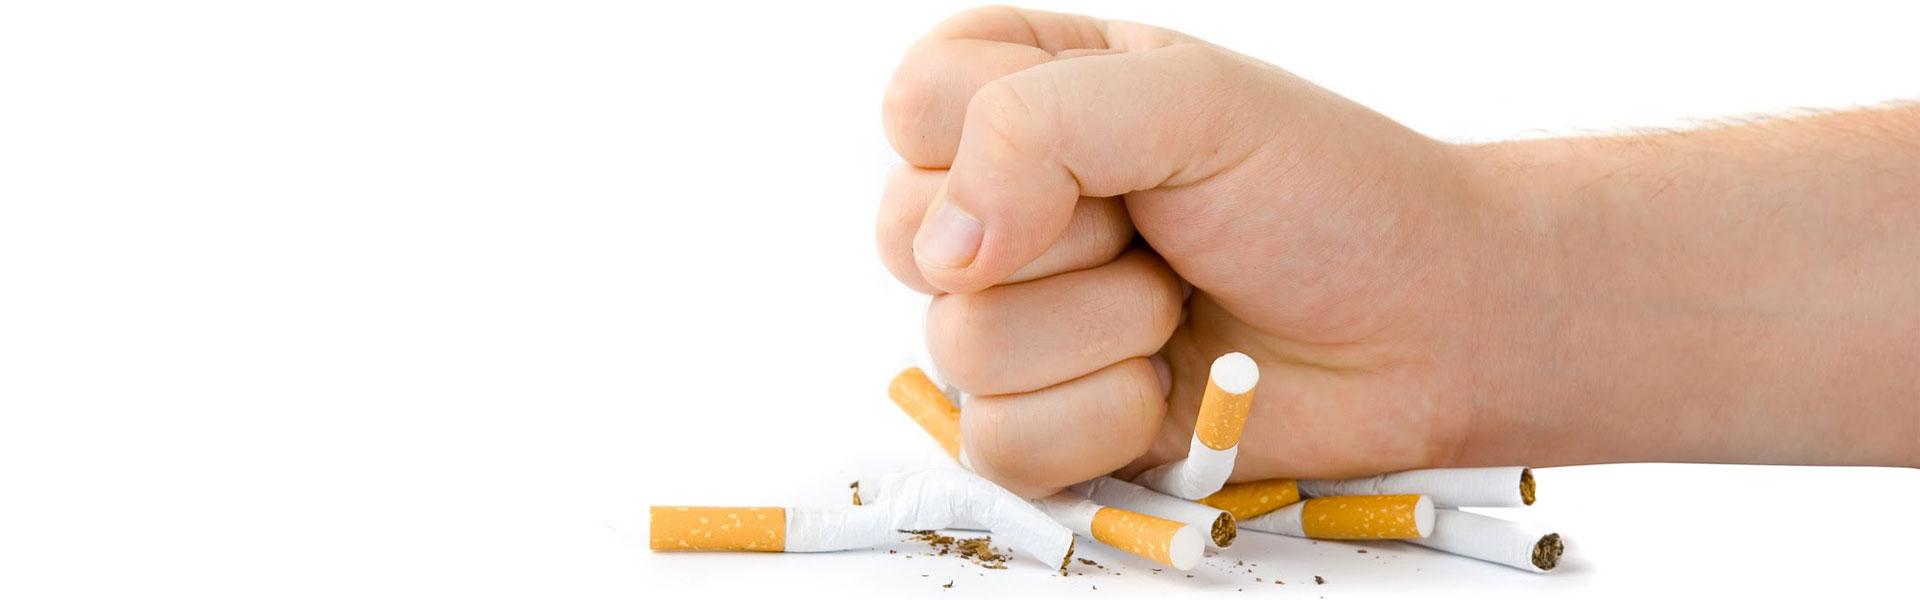 Receitas caseiras para parar de fumar